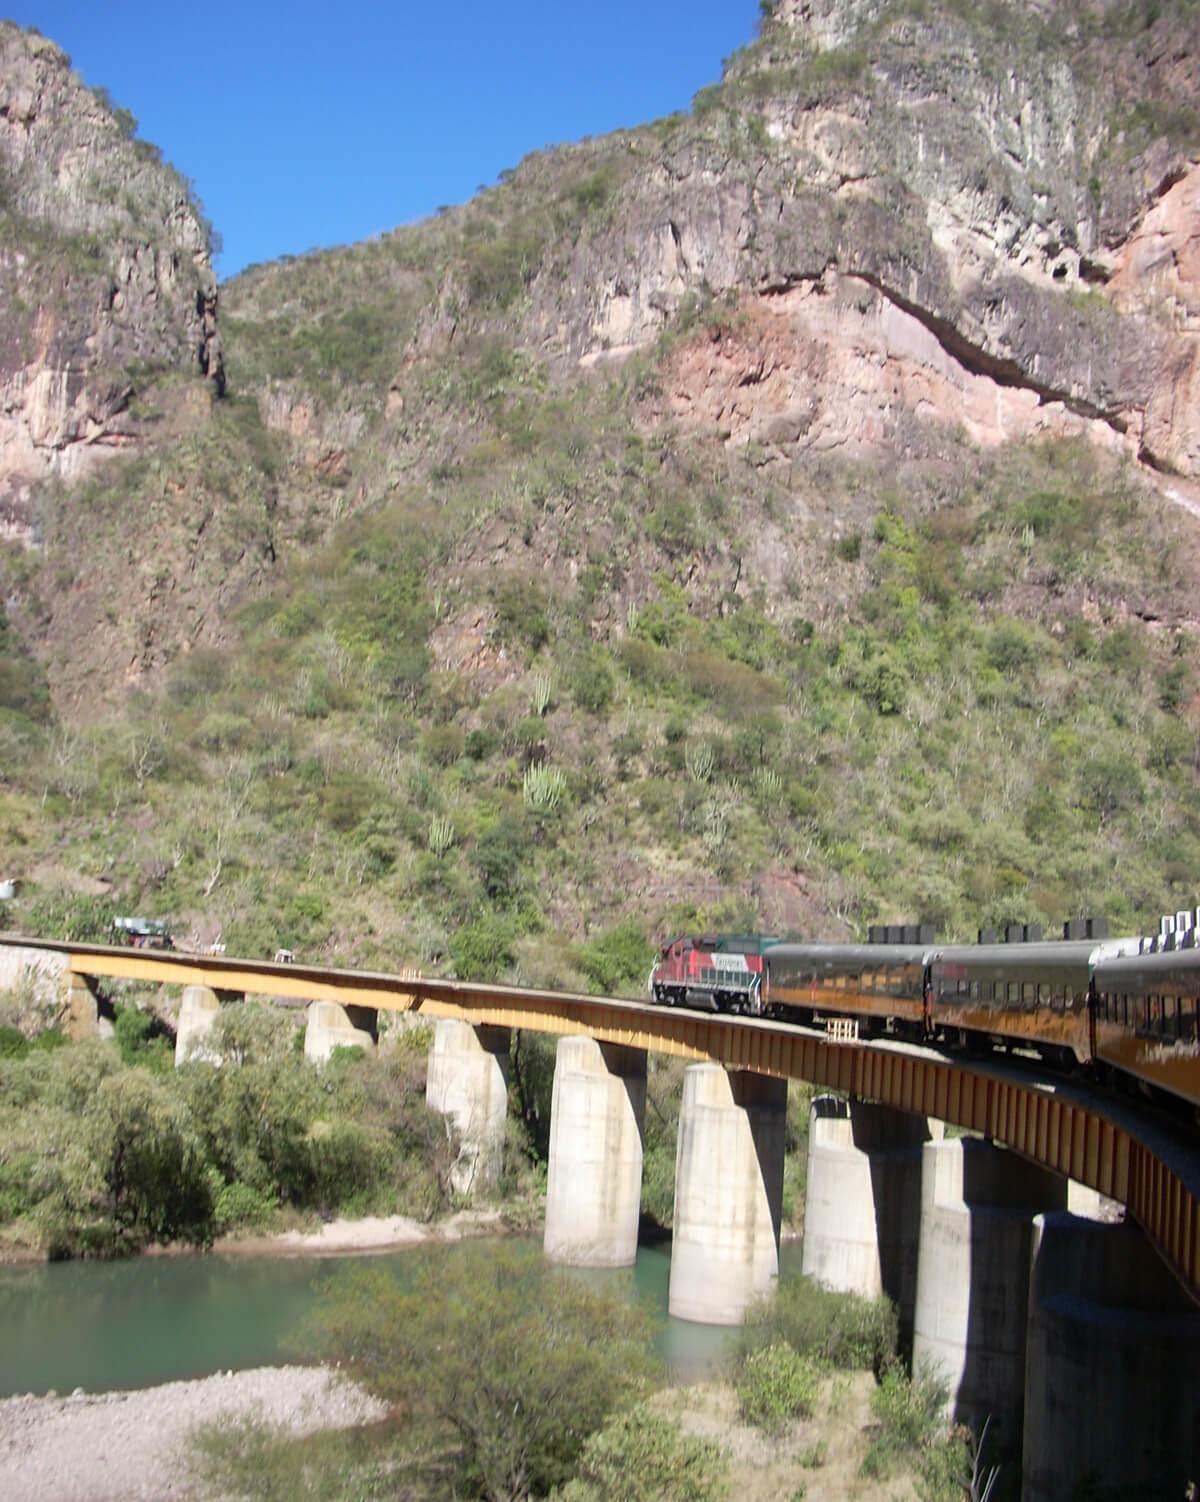 Fot. 11. Pociąg El Chepe na dystansie ok. 160 km wspina się na wysokość 2000 m n.p.m., pokonując przy tym 37 okazałych mostów i 86 tuneli.